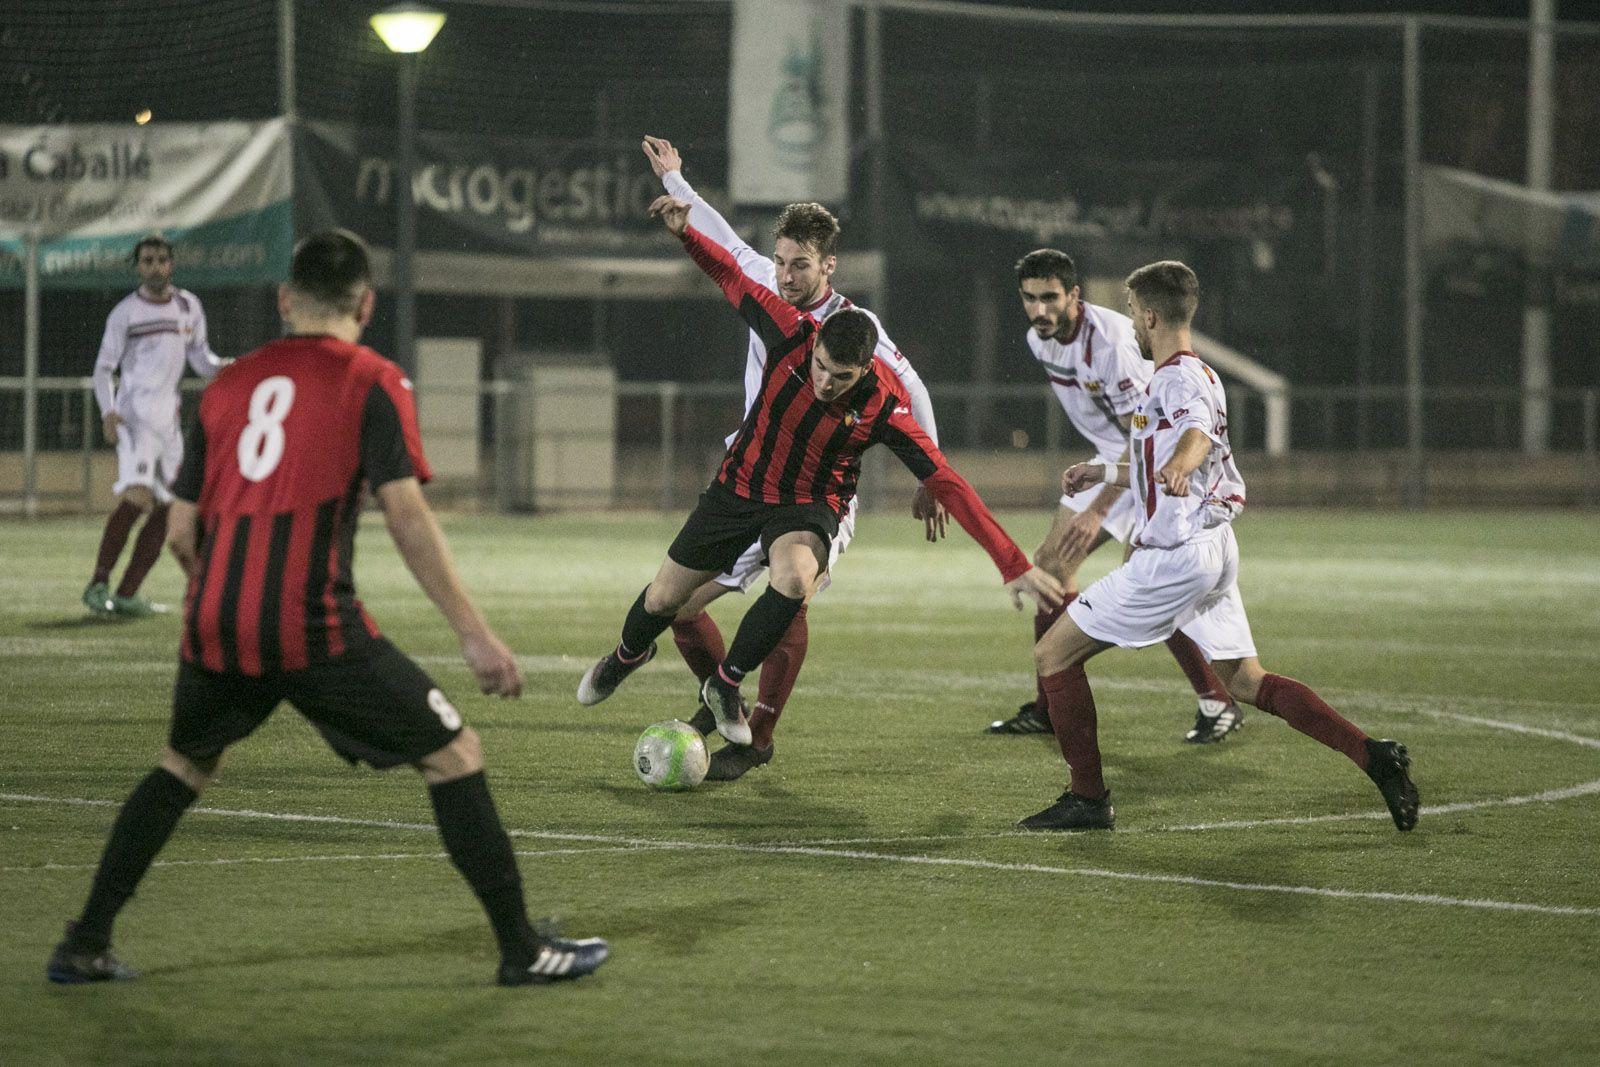 El balanç del Sant Cugat FC a la ZEM Jaume Tubau és de 2 victòries, 3 empats i 4 derrotes. FOTO: Lali Puig